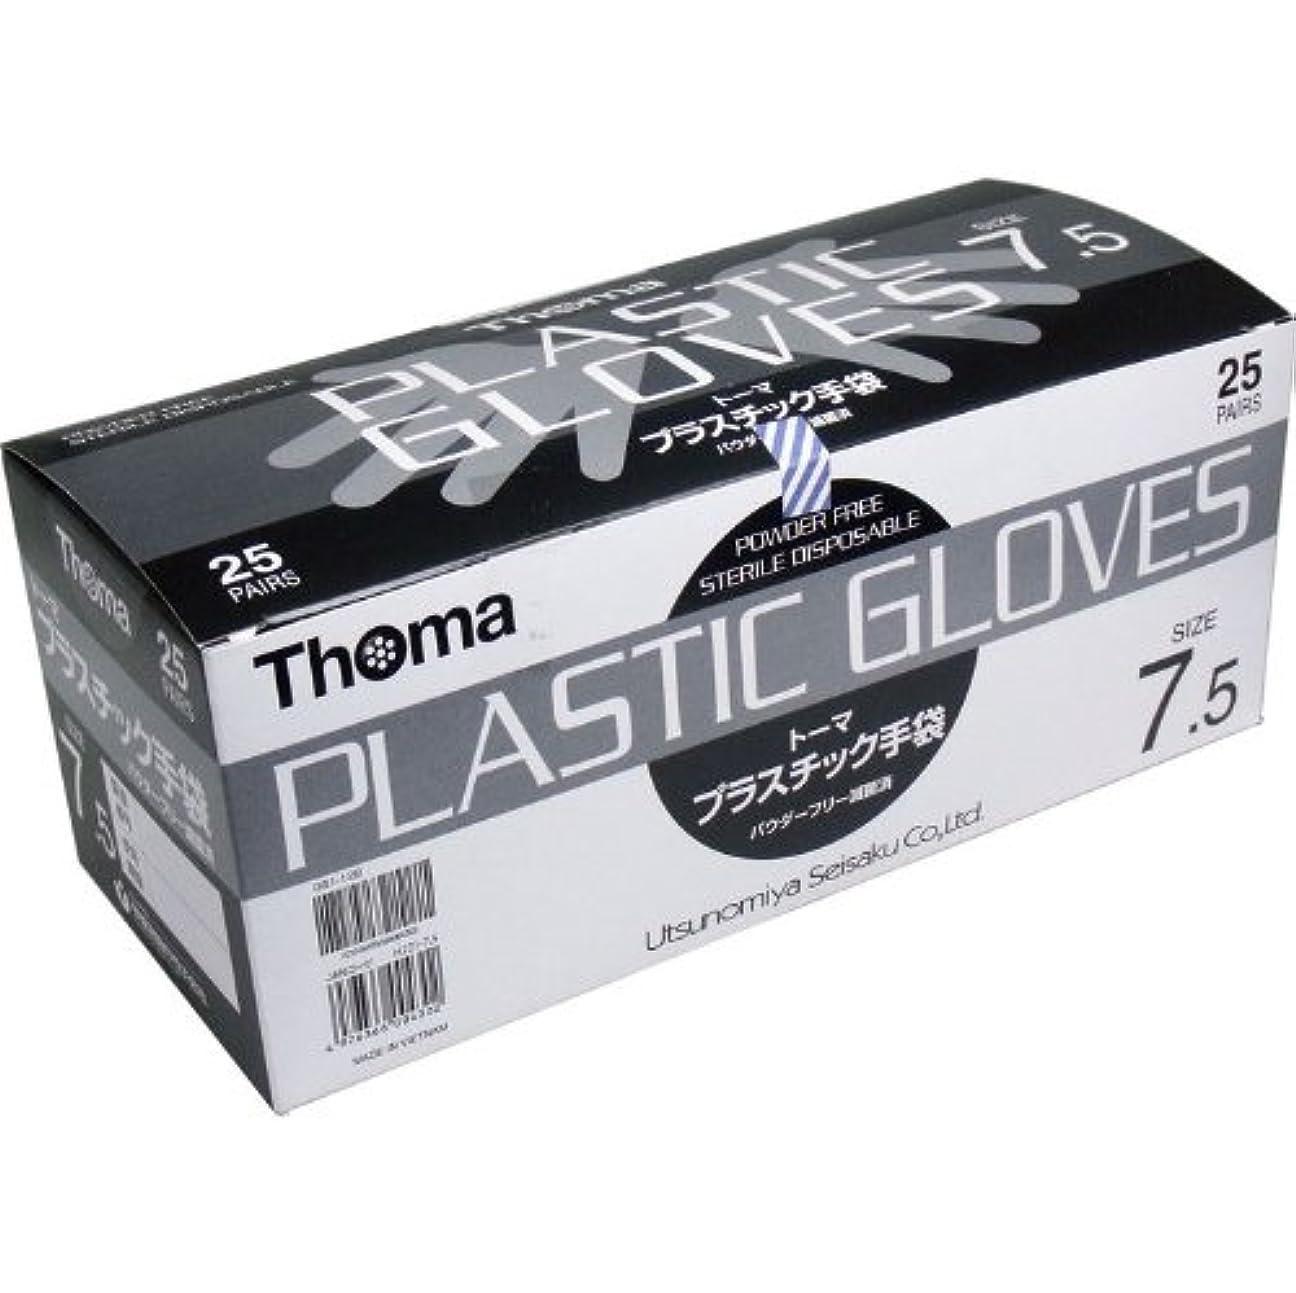 半球唯一放棄されたパウダーフリー手袋 1双毎に滅菌包装、衛生的 便利 トーマ プラスチック手袋 パウダーフリー滅菌済 25双入 サイズ7.5【5個セット】